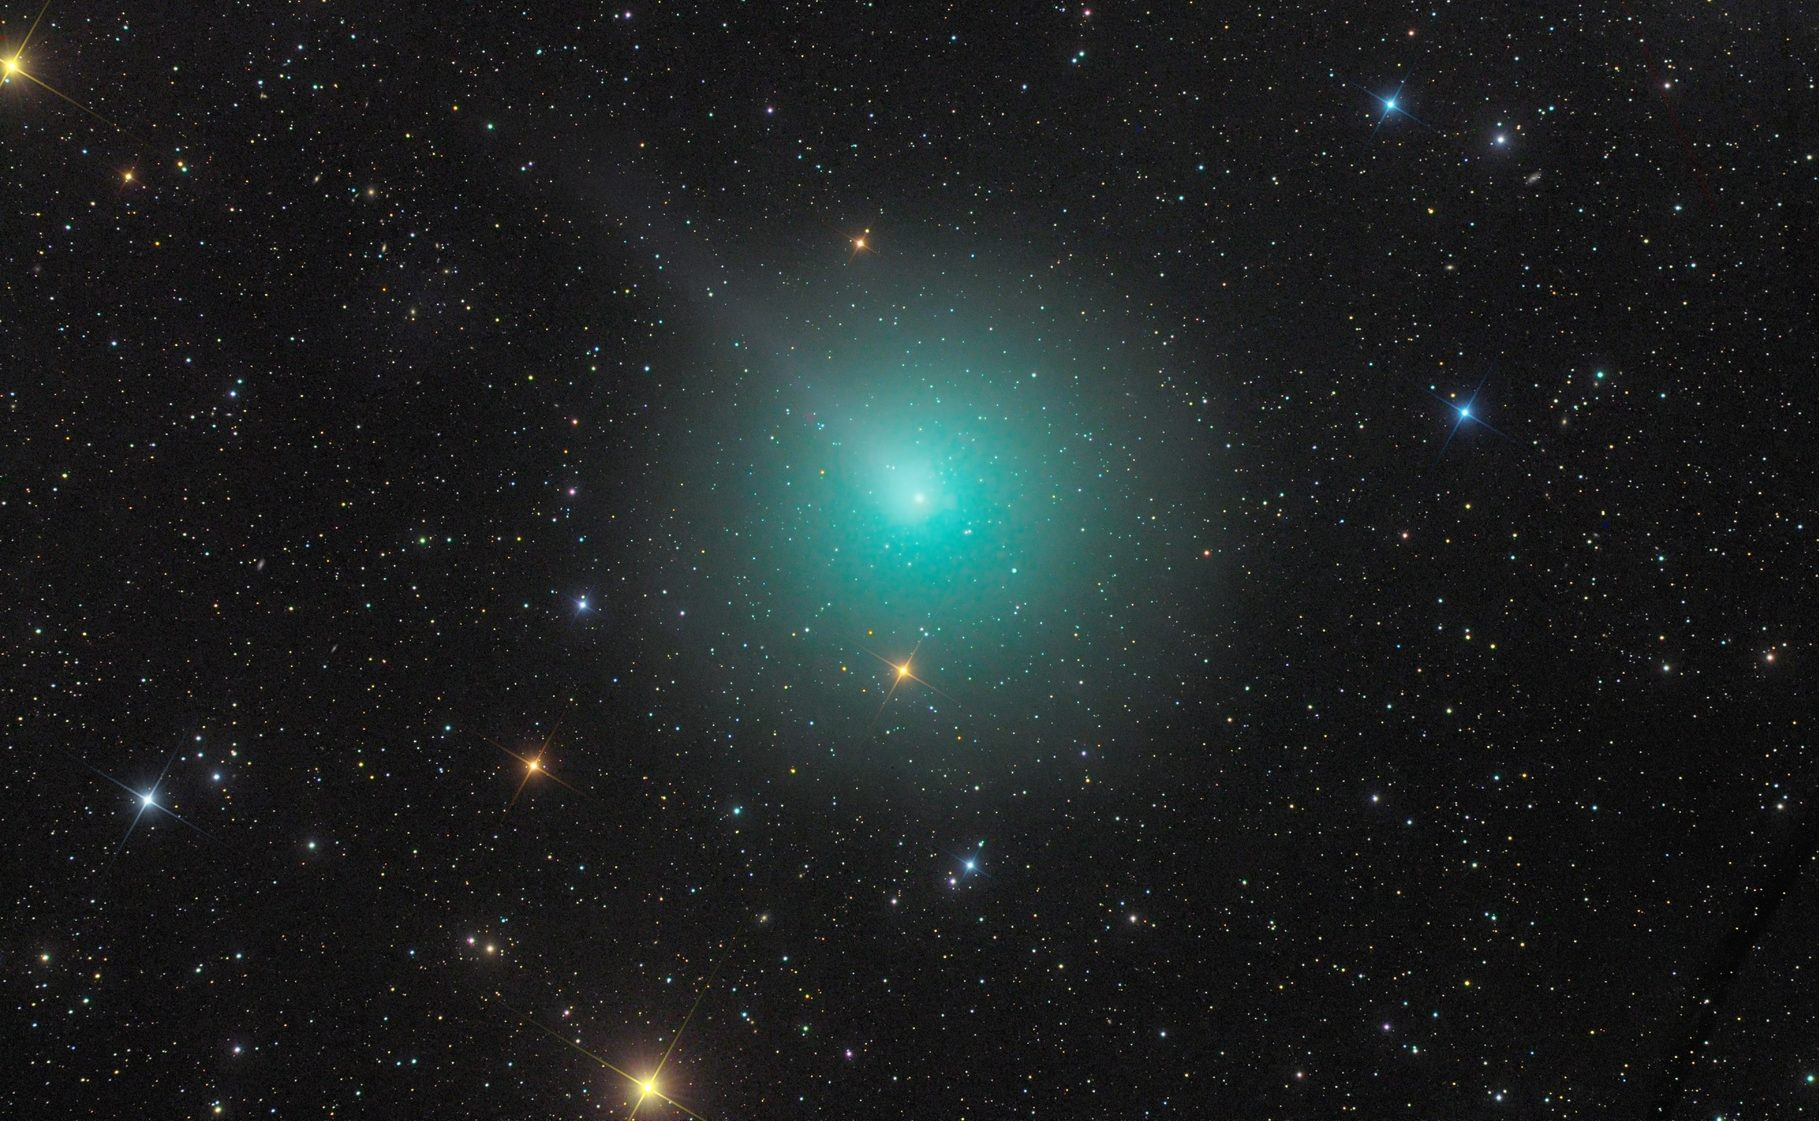 комета 46p Wirtanen